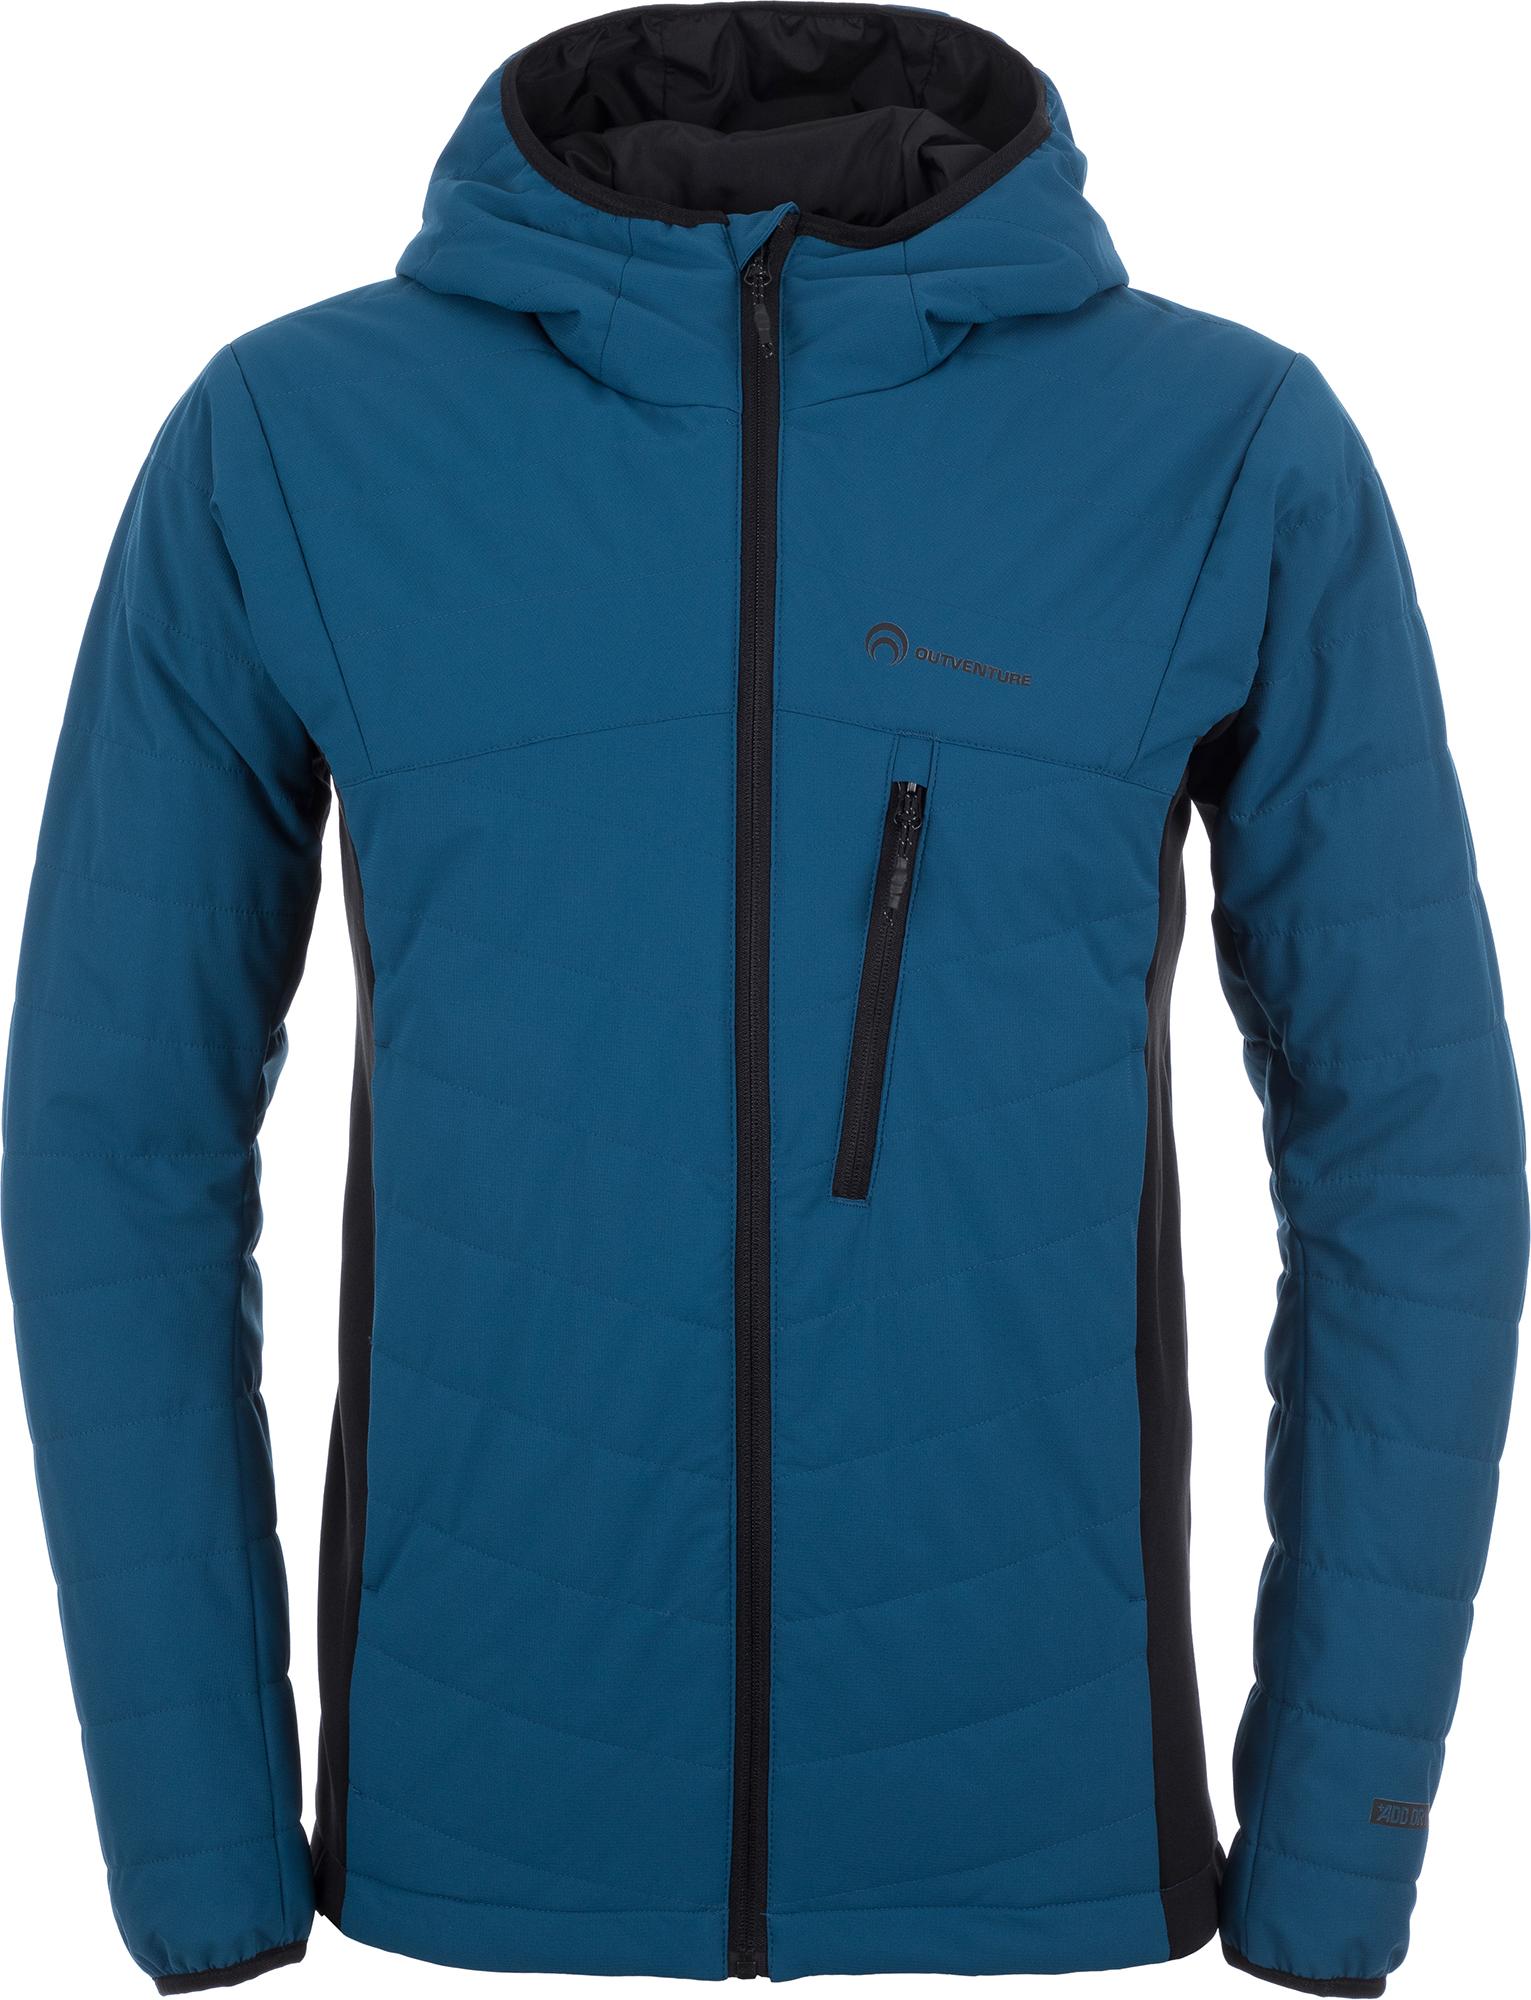 купить Outventure Куртка утепленная мужская Outventure, размер 56 по цене 3849 рублей